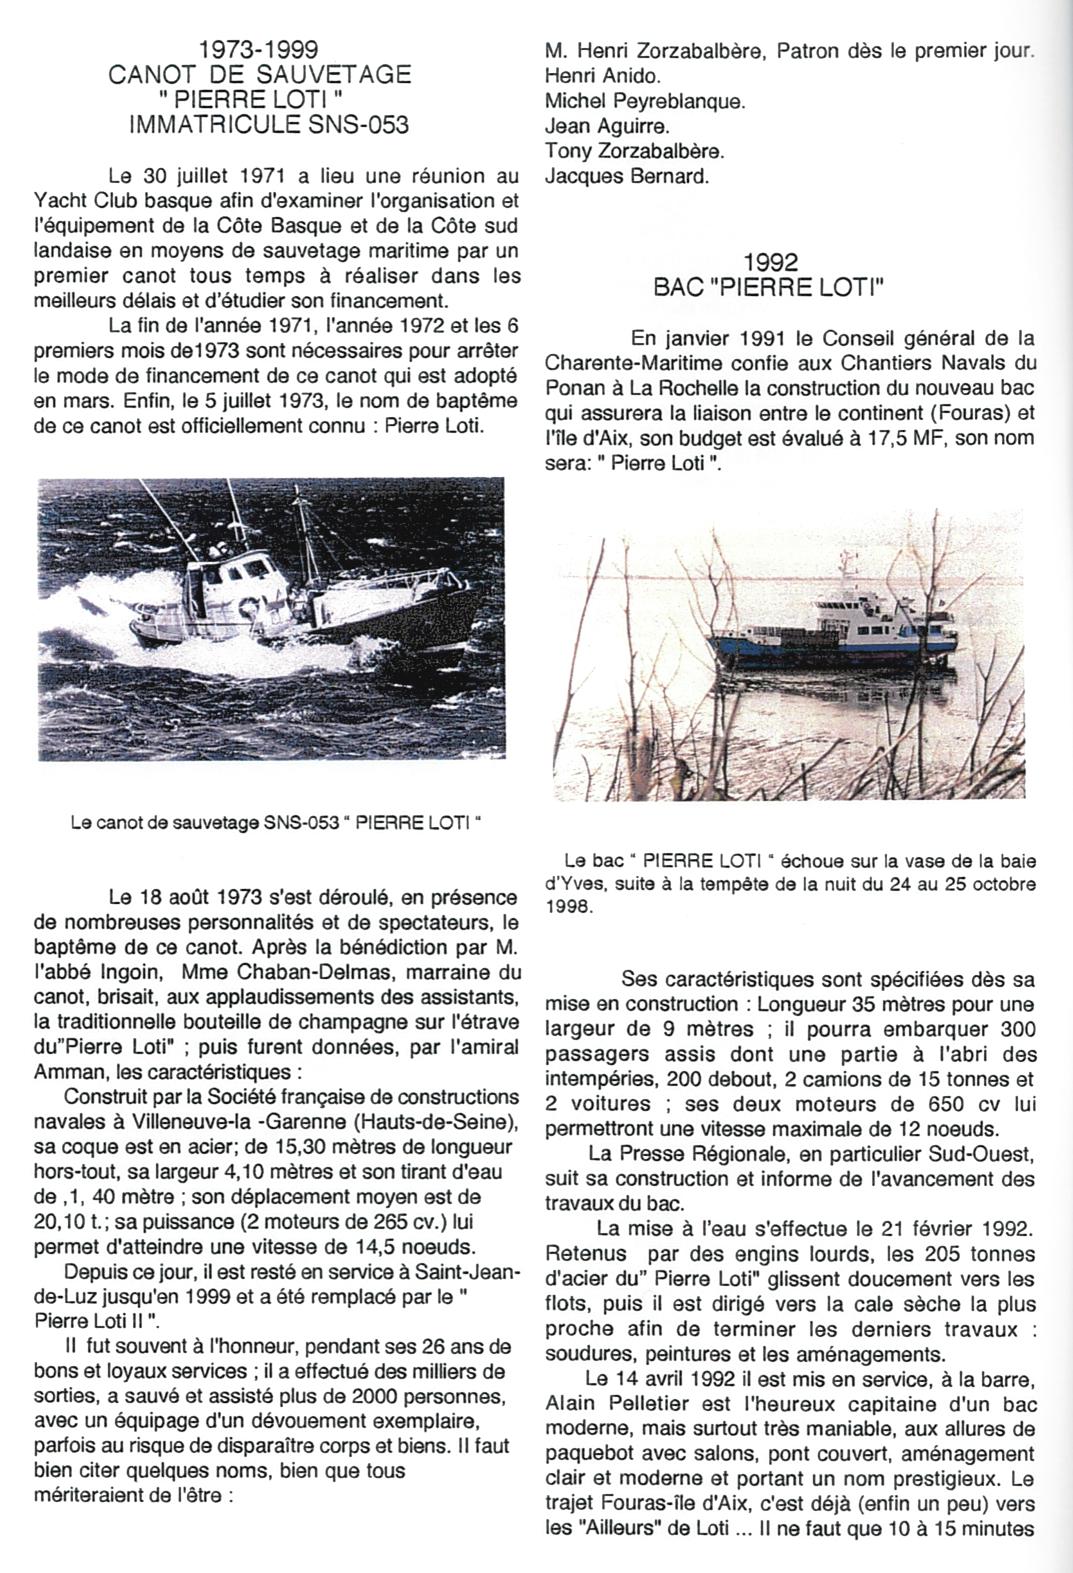 7-Bateaux et canots baptisés Pierre Loti - Jean Nonin